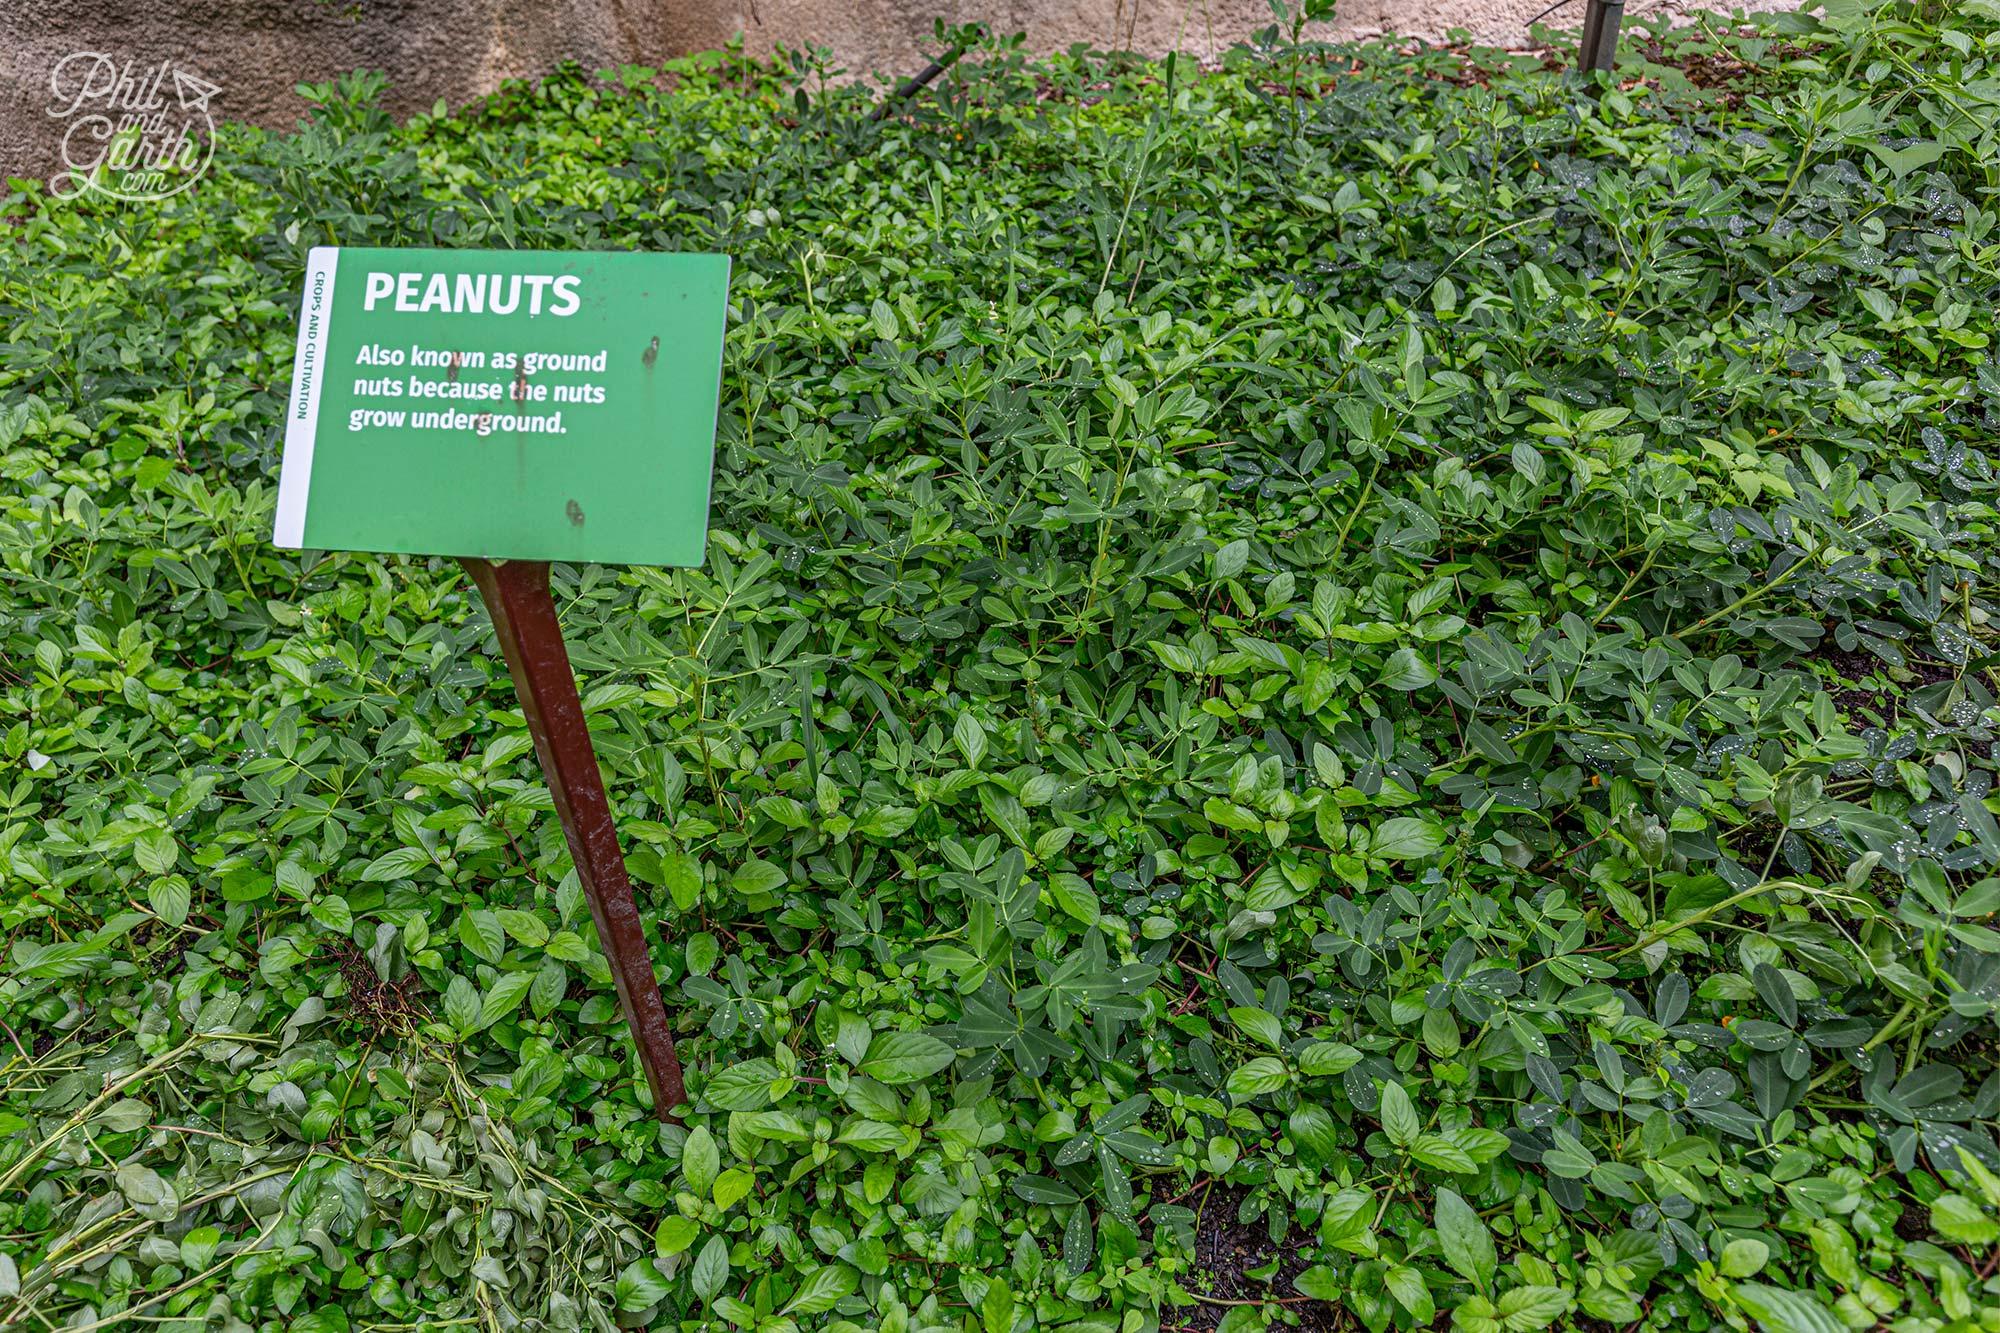 We had no idea peanuts grow underground